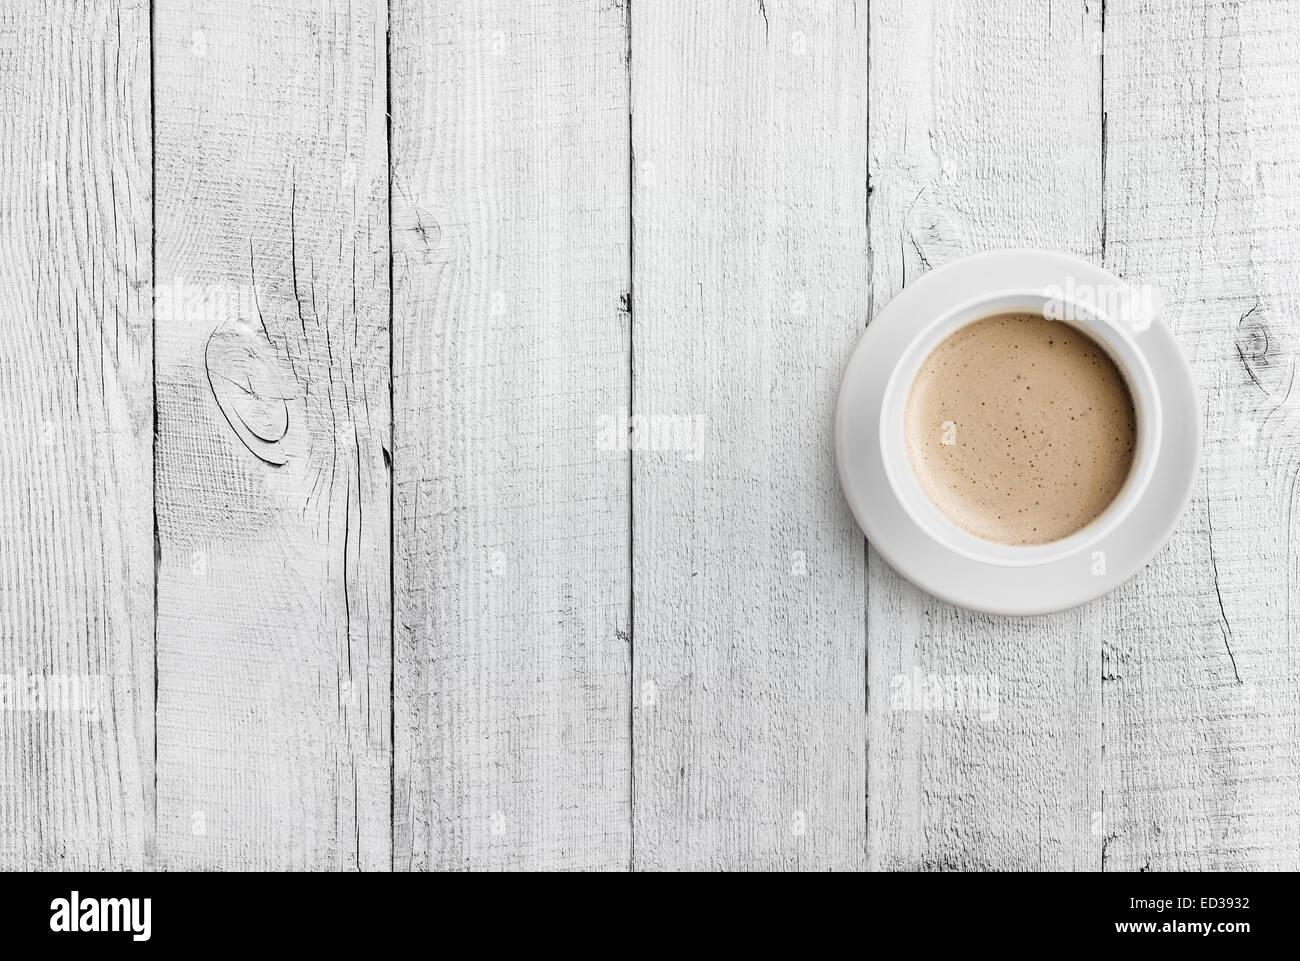 Kaffee Tasse Draufsicht auf weißer Holztisch Hintergrund Stockbild